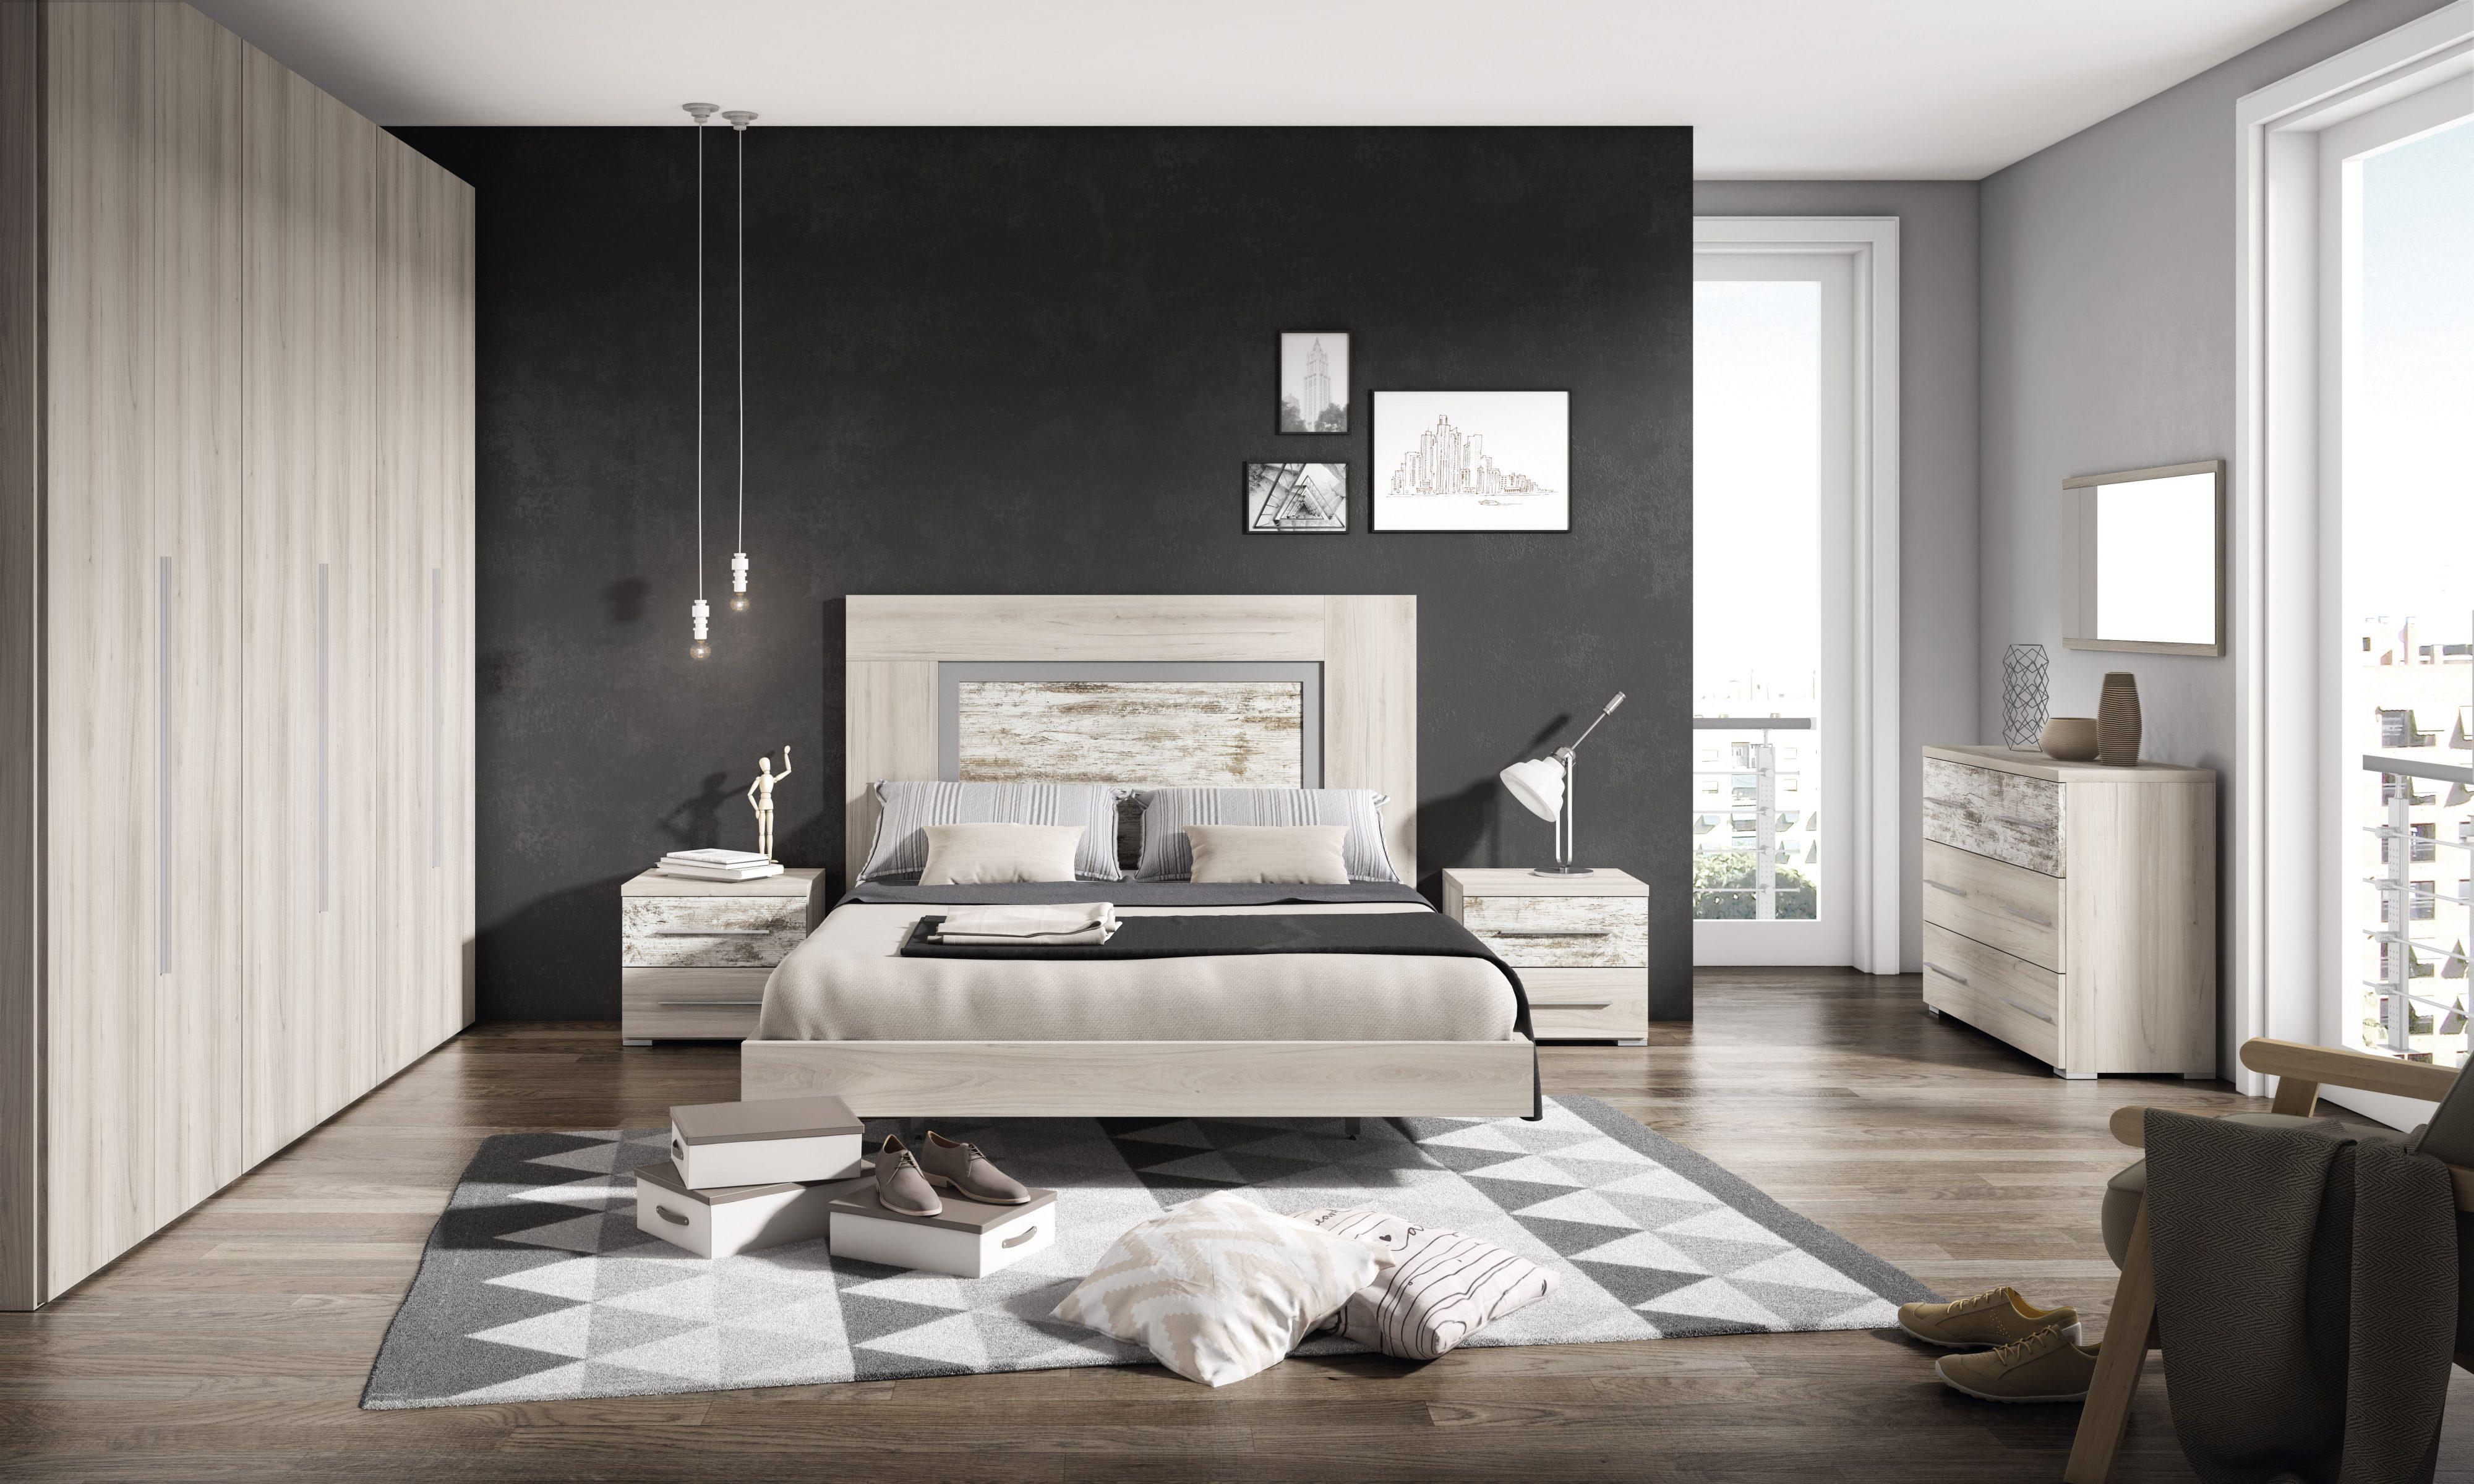 Dormitorio matrimonio con bancada opcional, con aspecto rustico y natural.